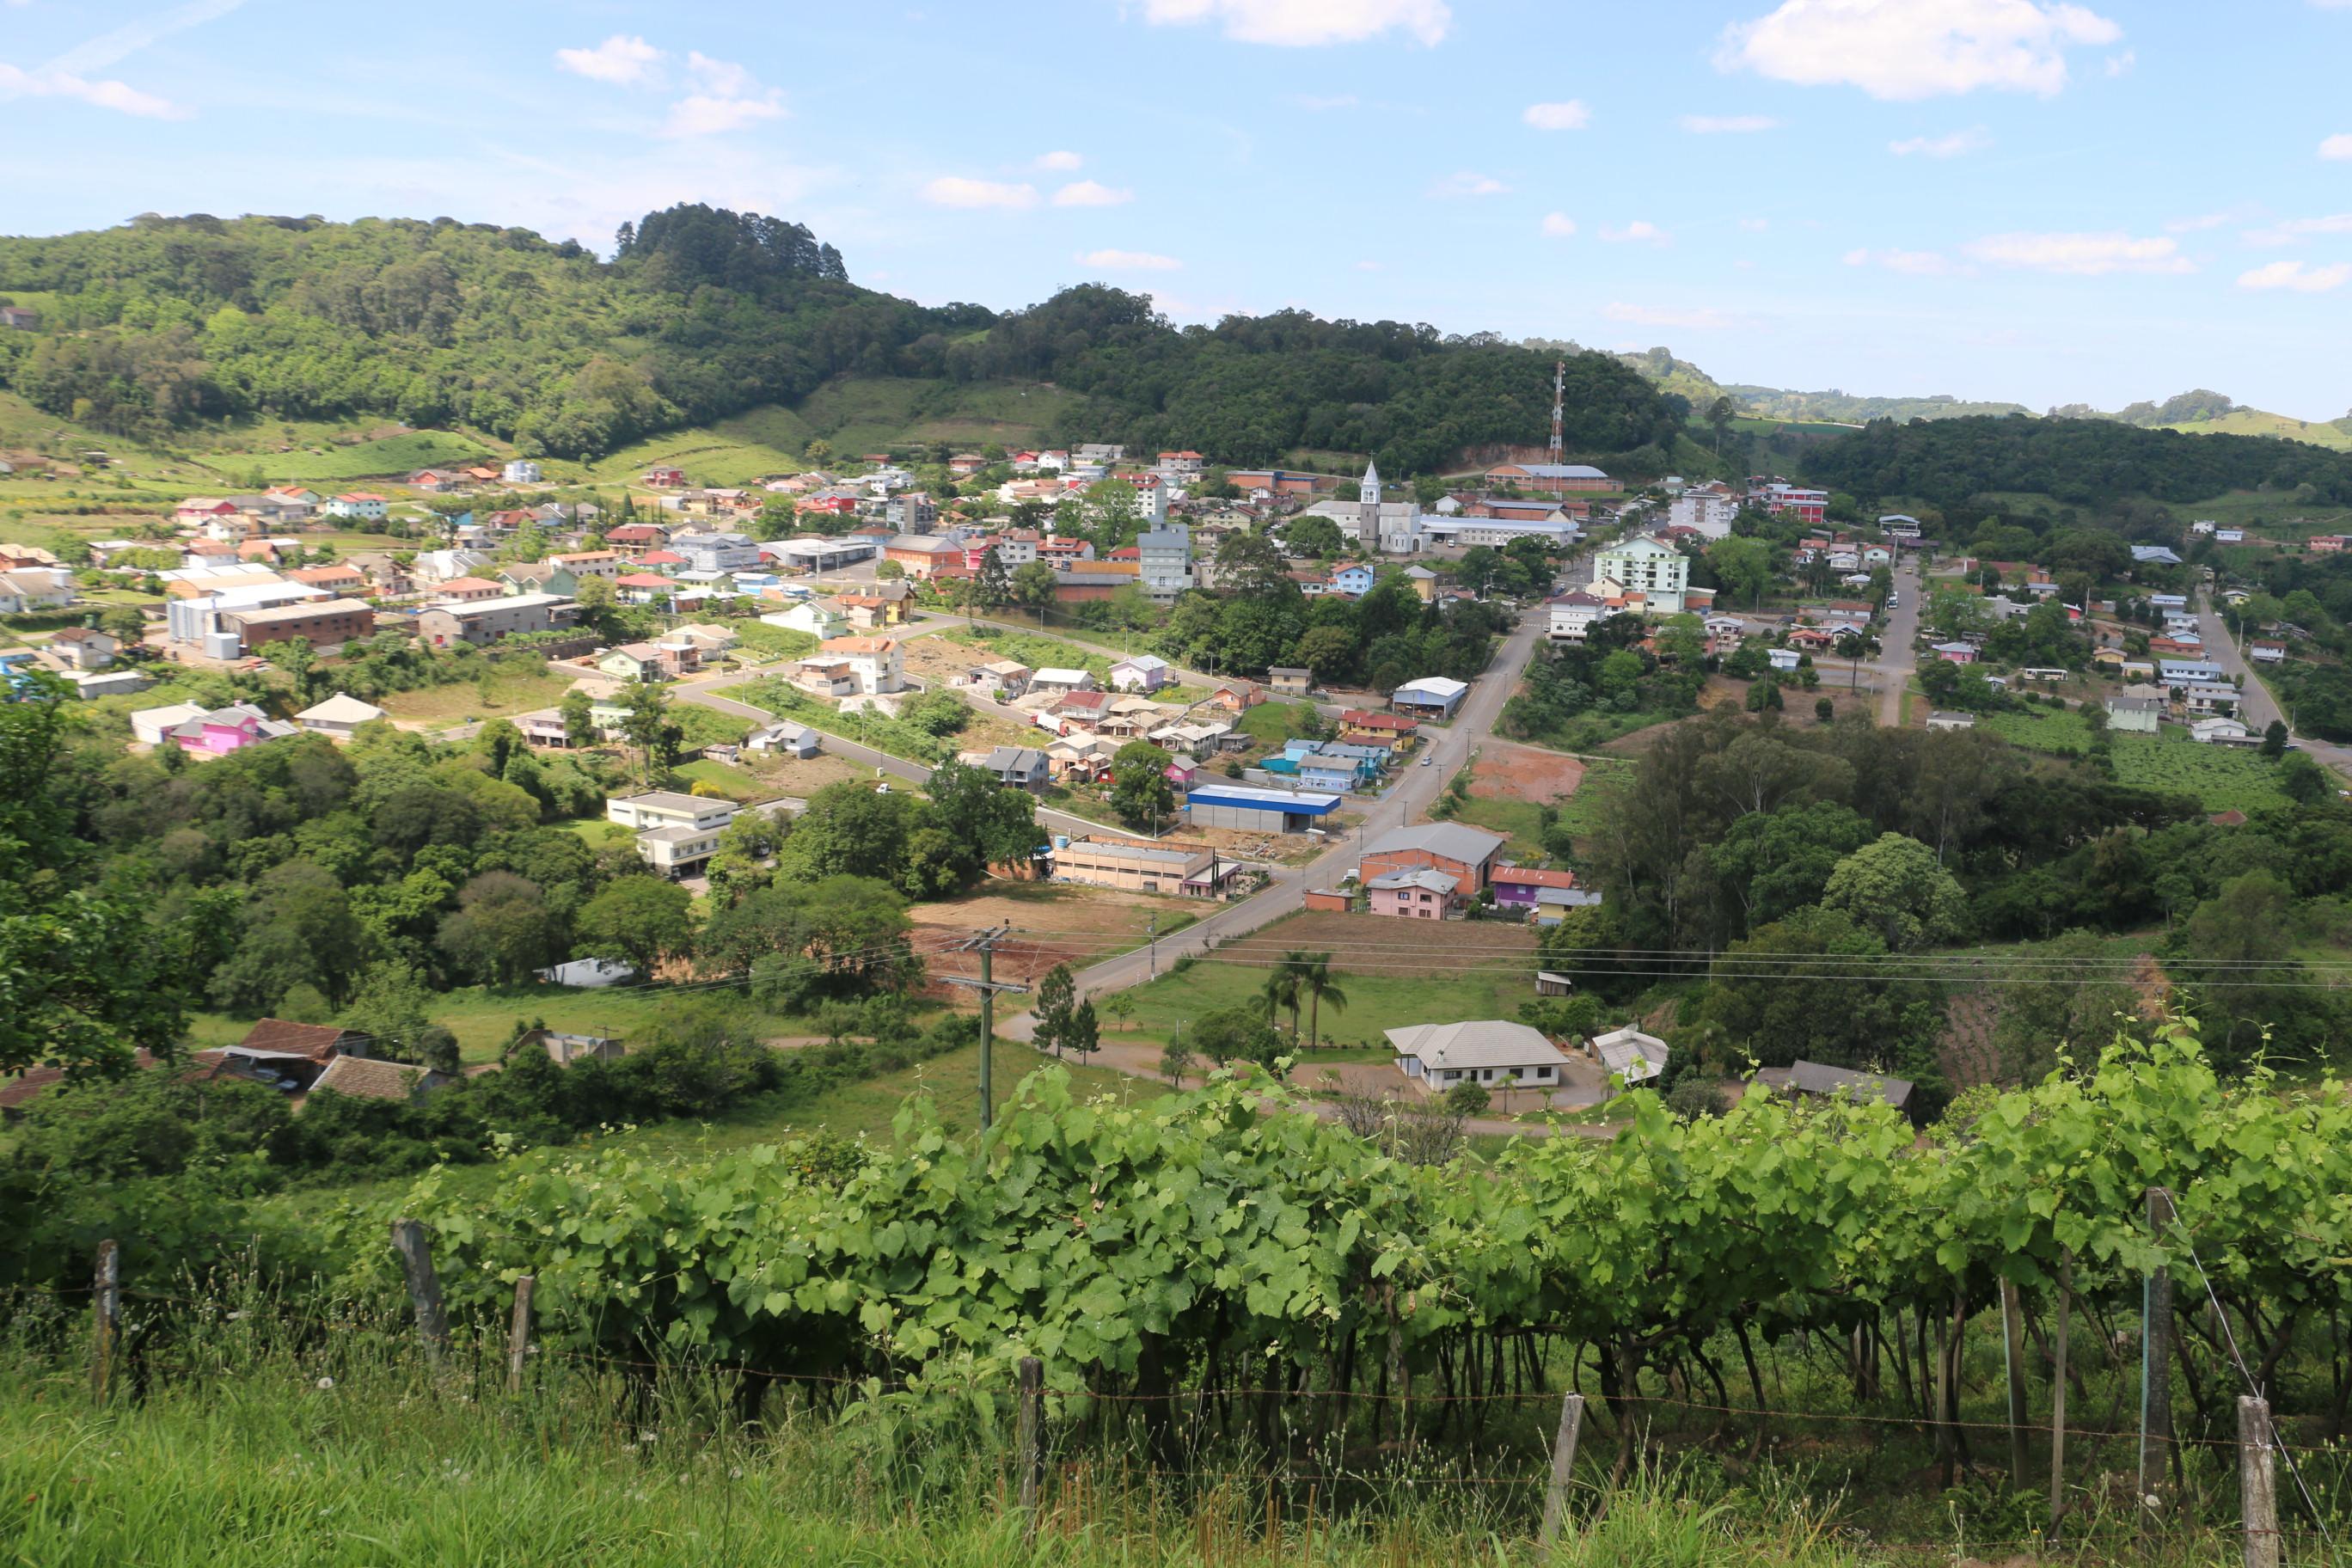 Nova Pádua Rio Grande do Sul fonte: s.glbimg.com